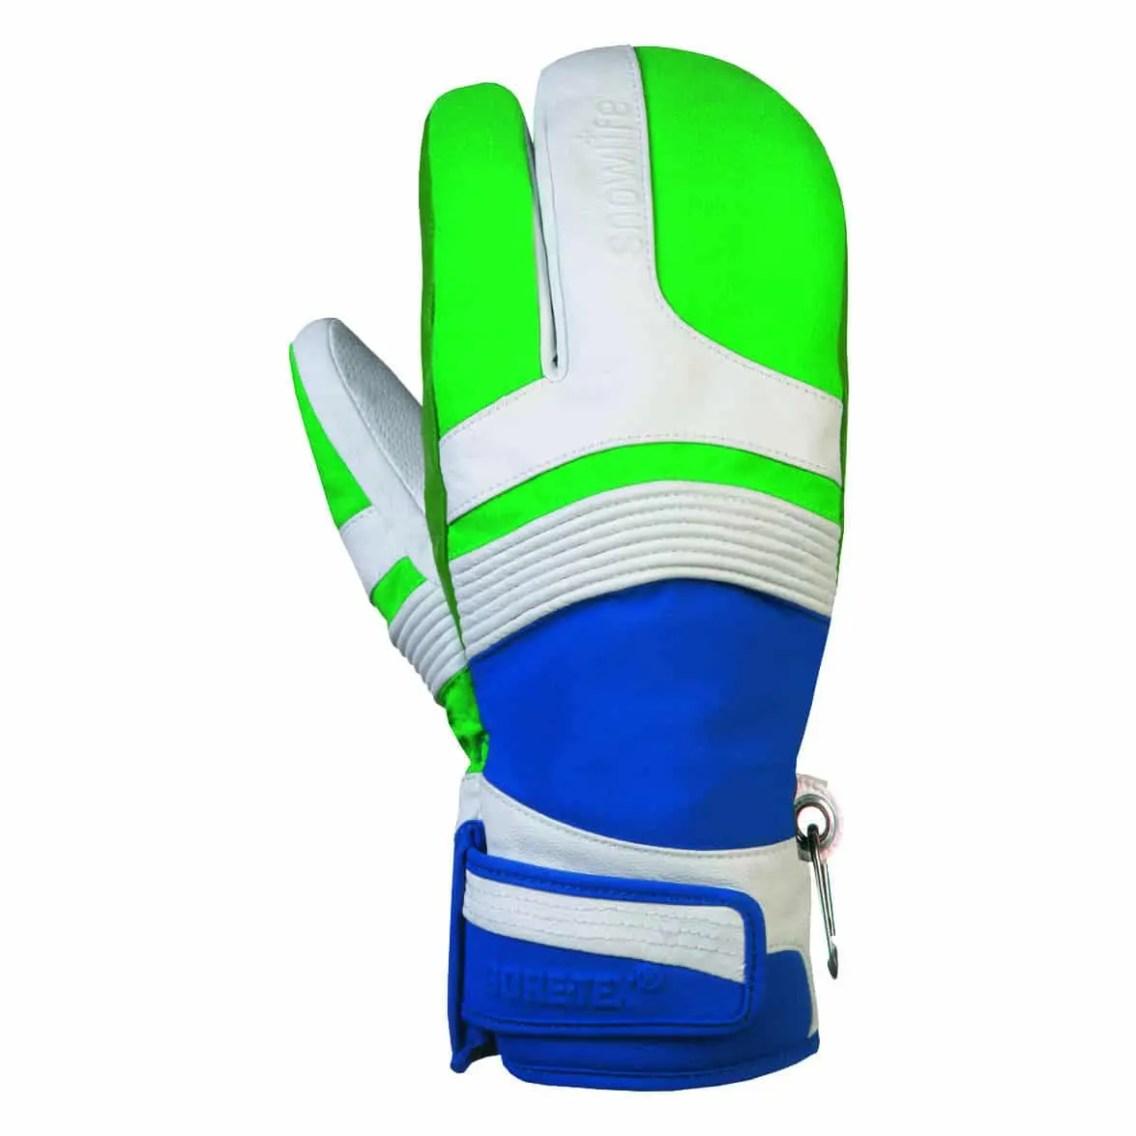 Kalte Hände durch zu dünne Handschuhe? Mit dem Snowlife Easy Rider GTX® gehört dieses Problem dank integrierter + Gore warm Technologie ab sofort der Vergangenheit an.